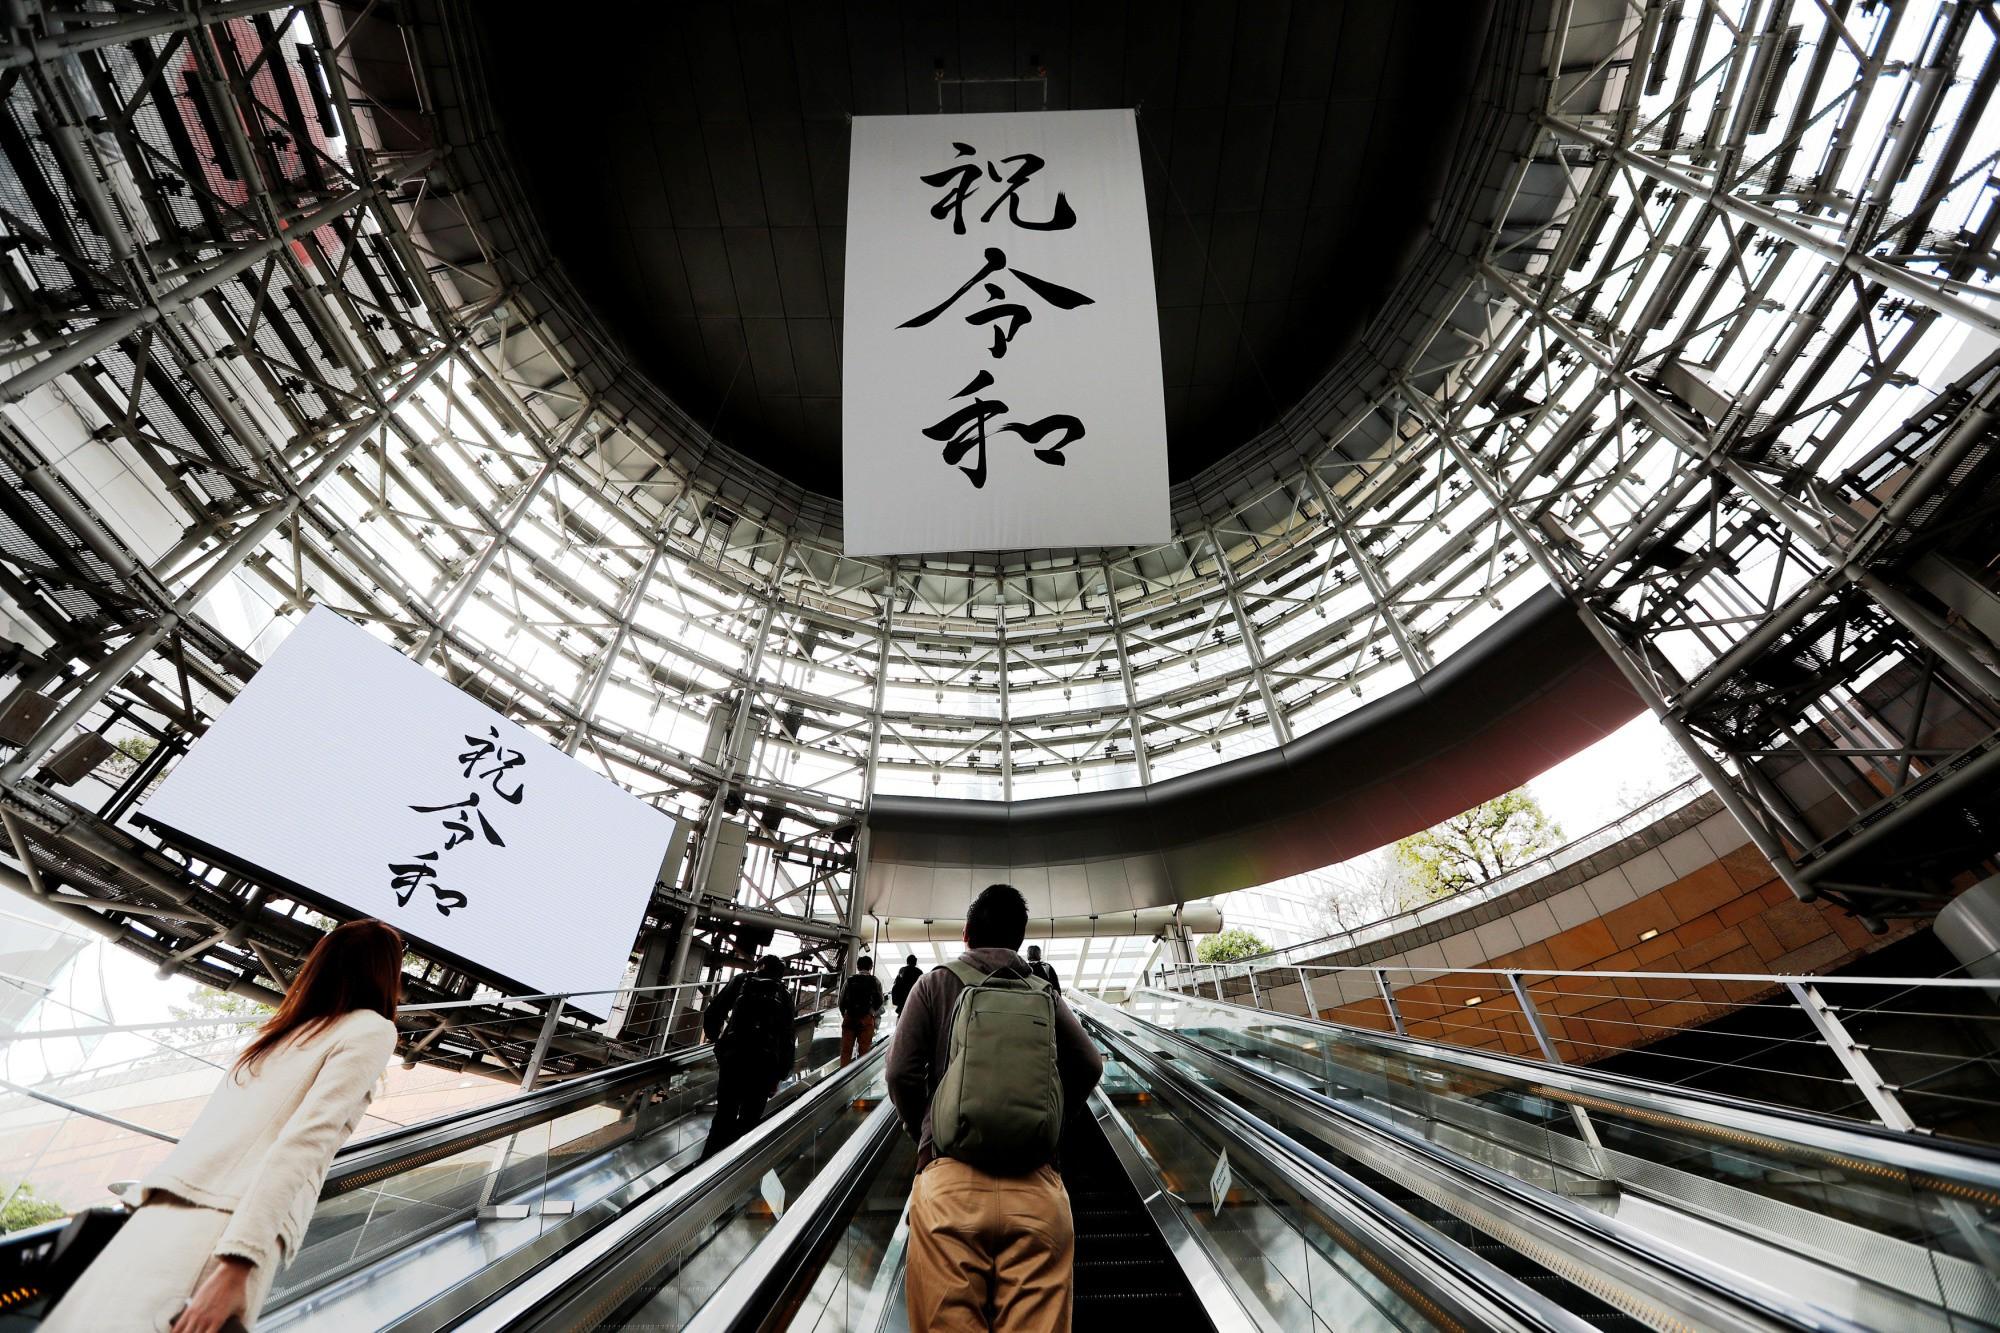 Ảnh: Thủ đô Tokyo náo nhiệt, trang nghiêm và đẹp như tranh vẽ trong ngày đầu tiên dưới thời Lệnh Hòa - Ảnh 16.